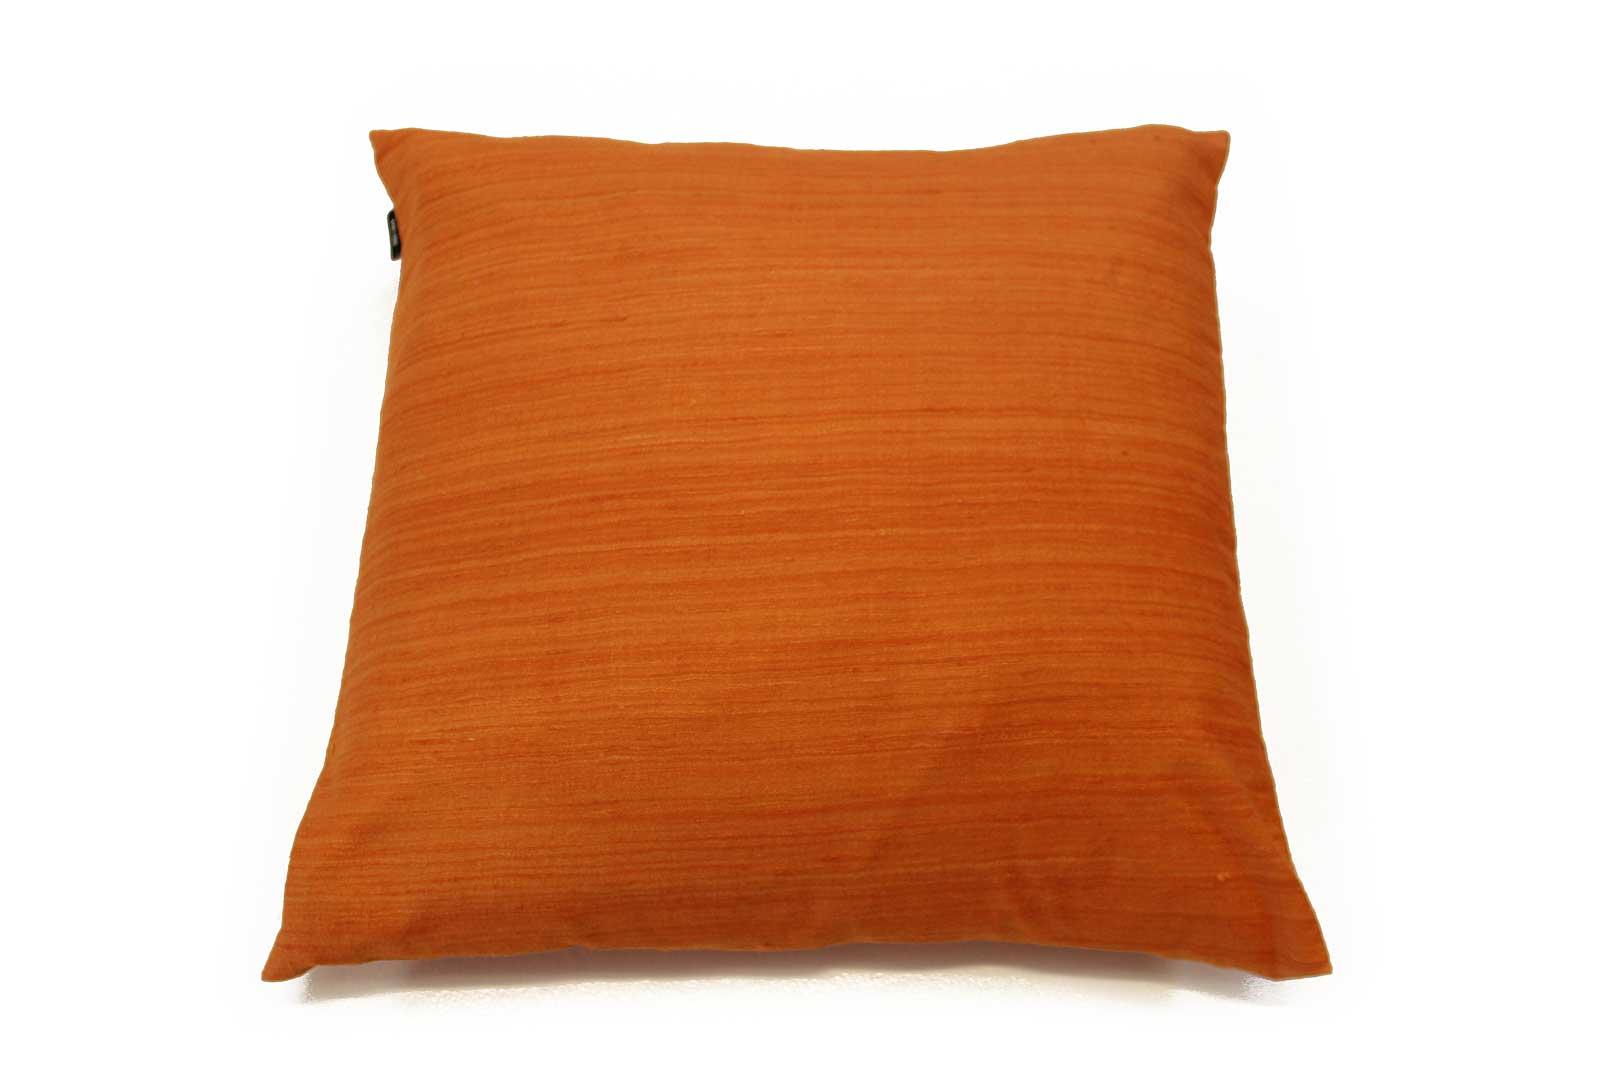 Billede af Unic sofapude, orange